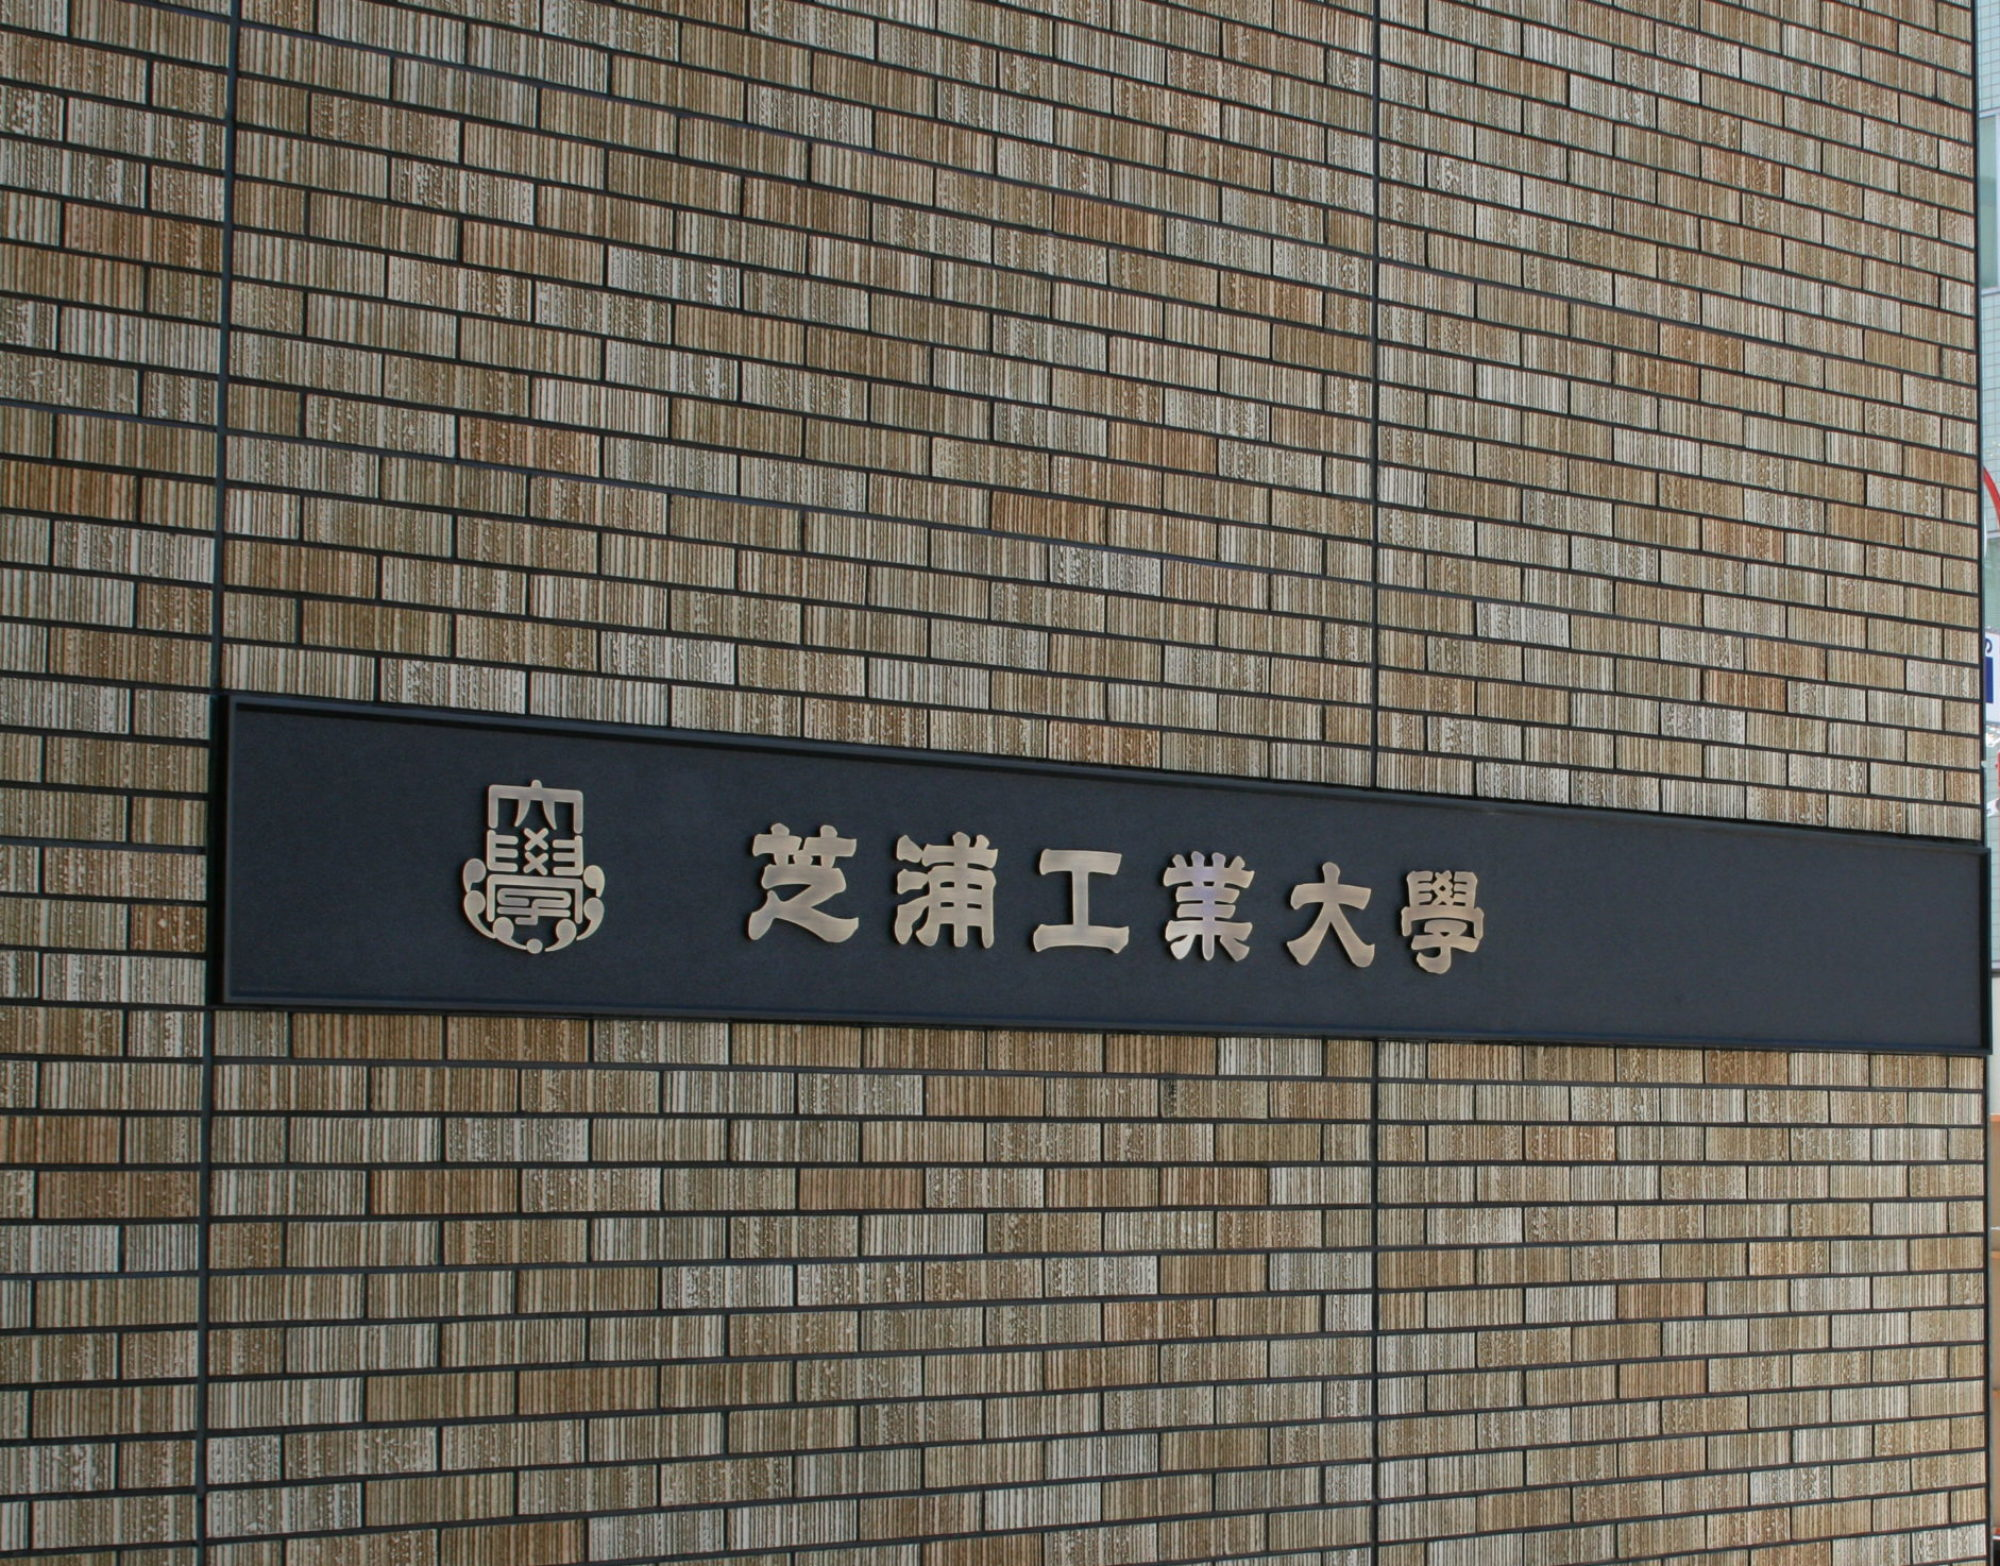 芝浦工業大学教育イノベーション推進センター